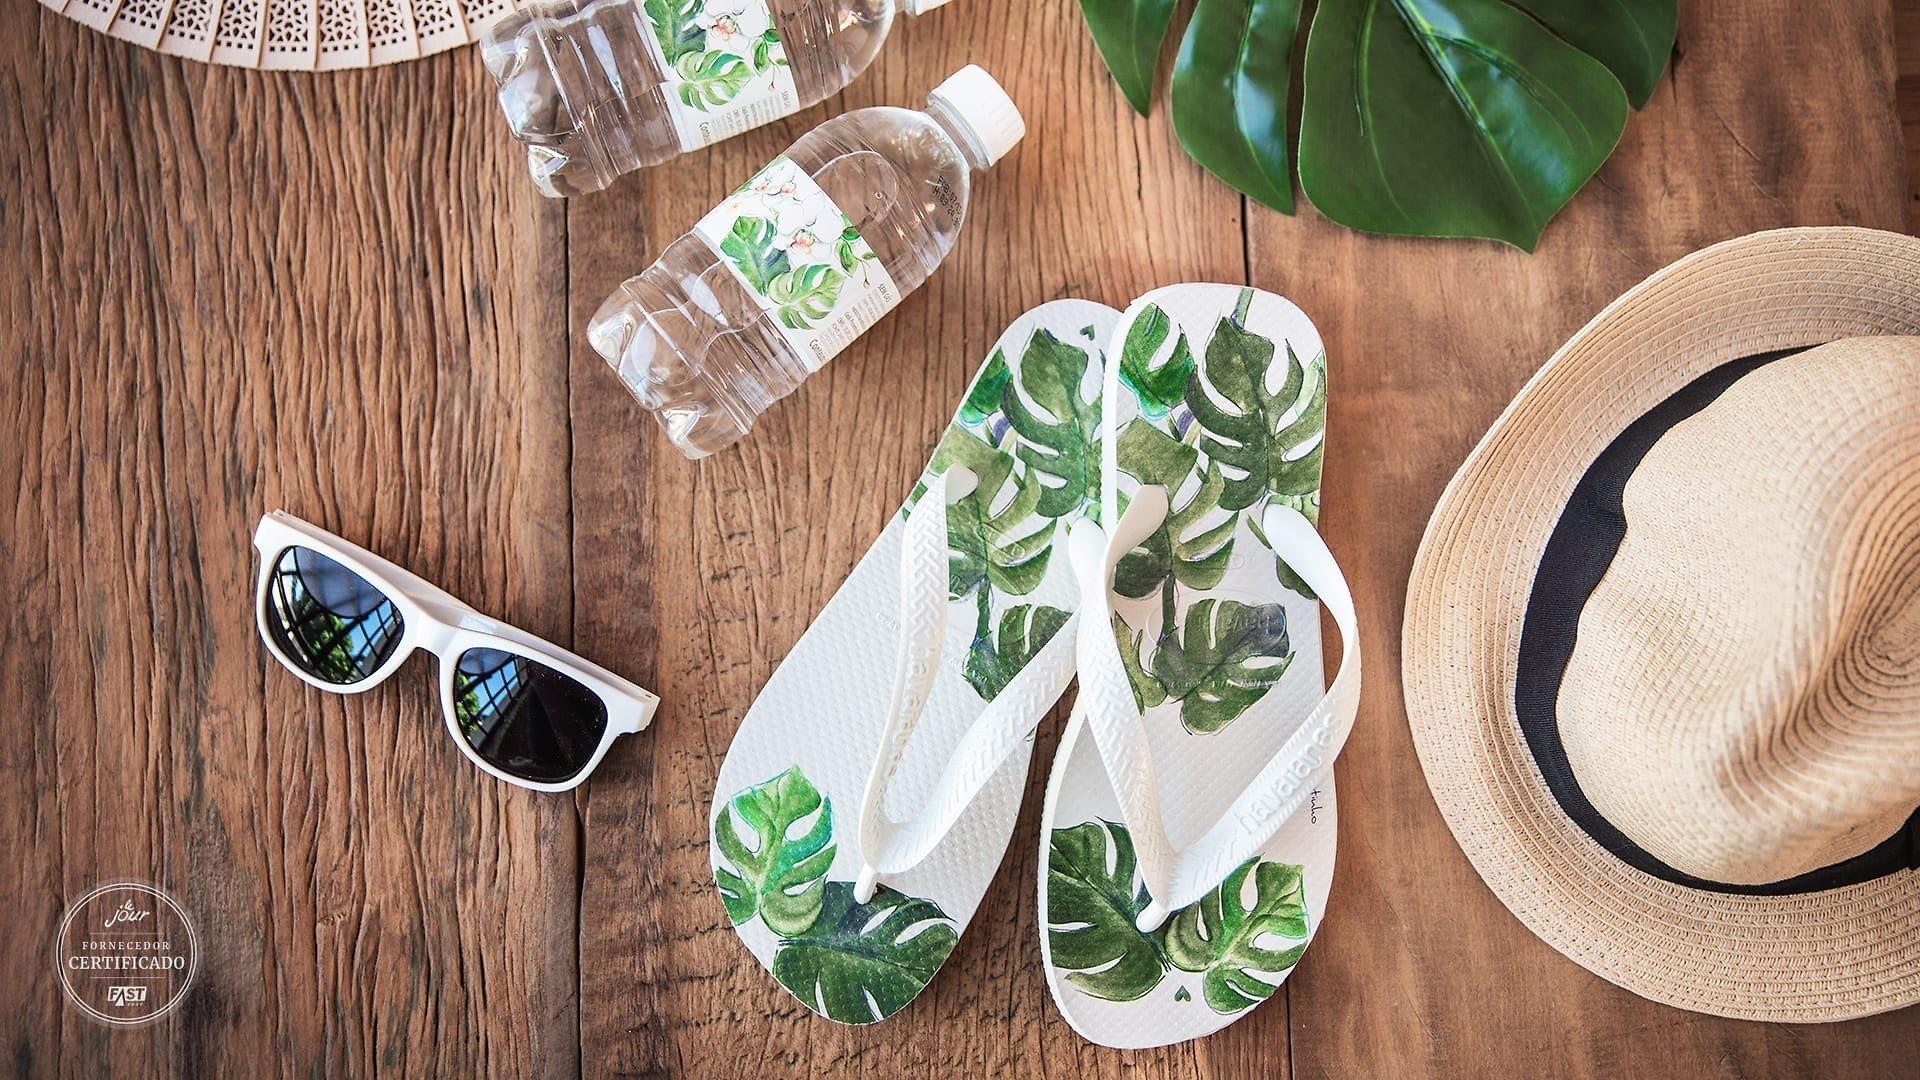 óculos, rasteirinha, chapéu e água personalizada